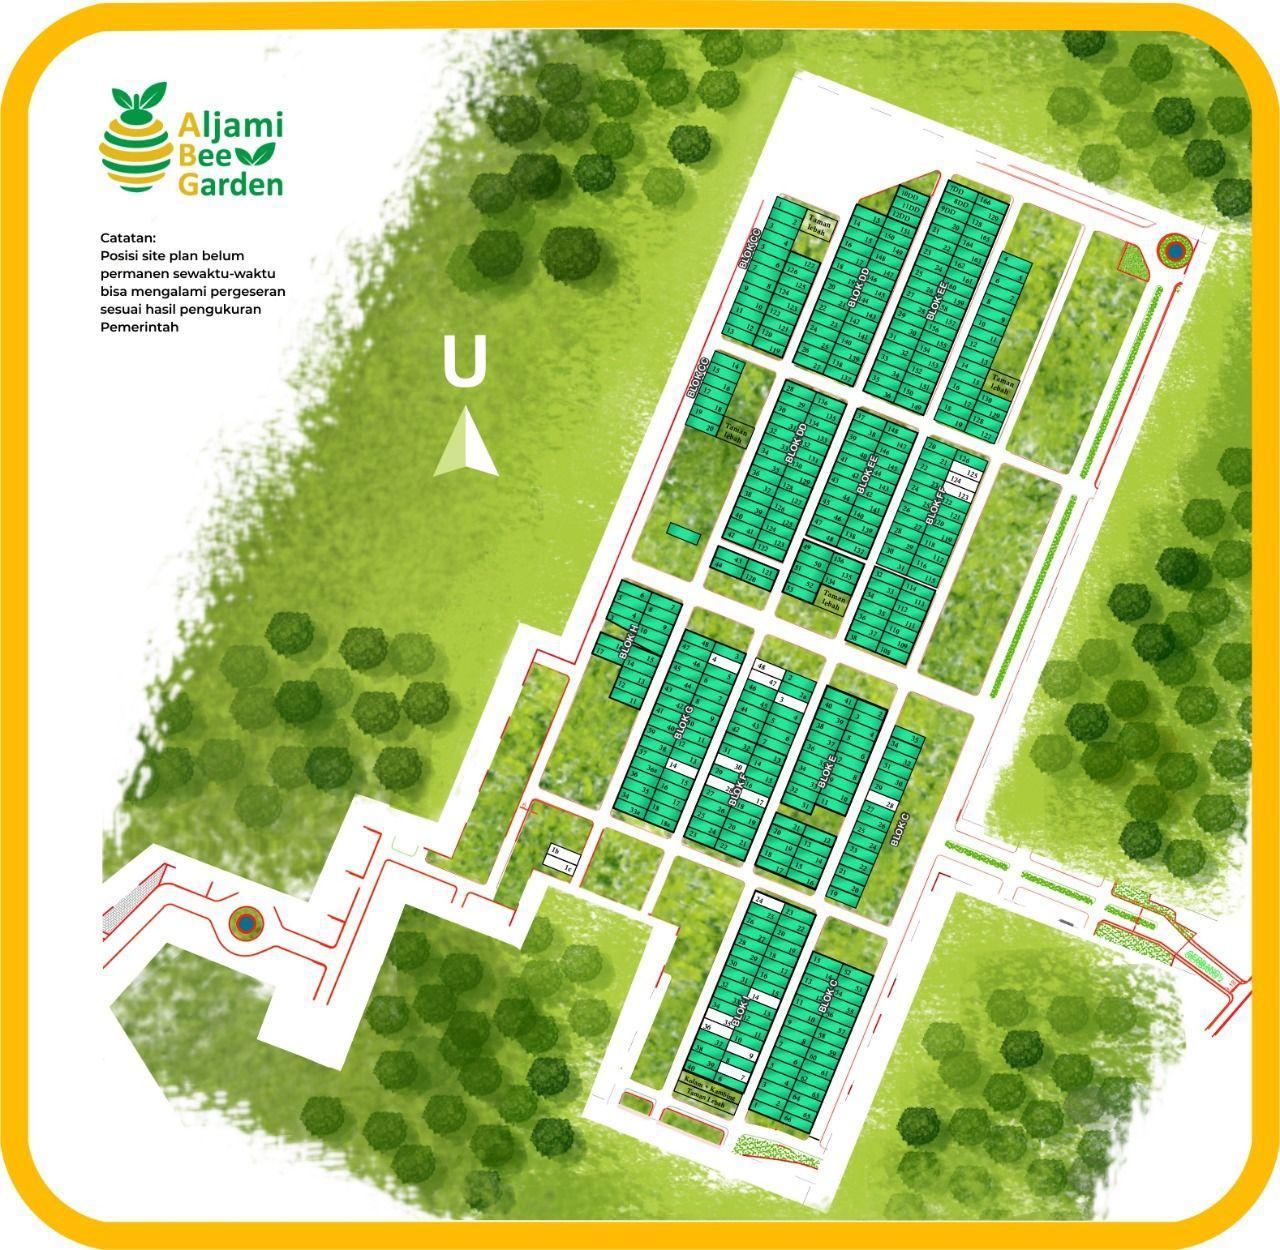 siteplan kavling aljami bee garden jasinga